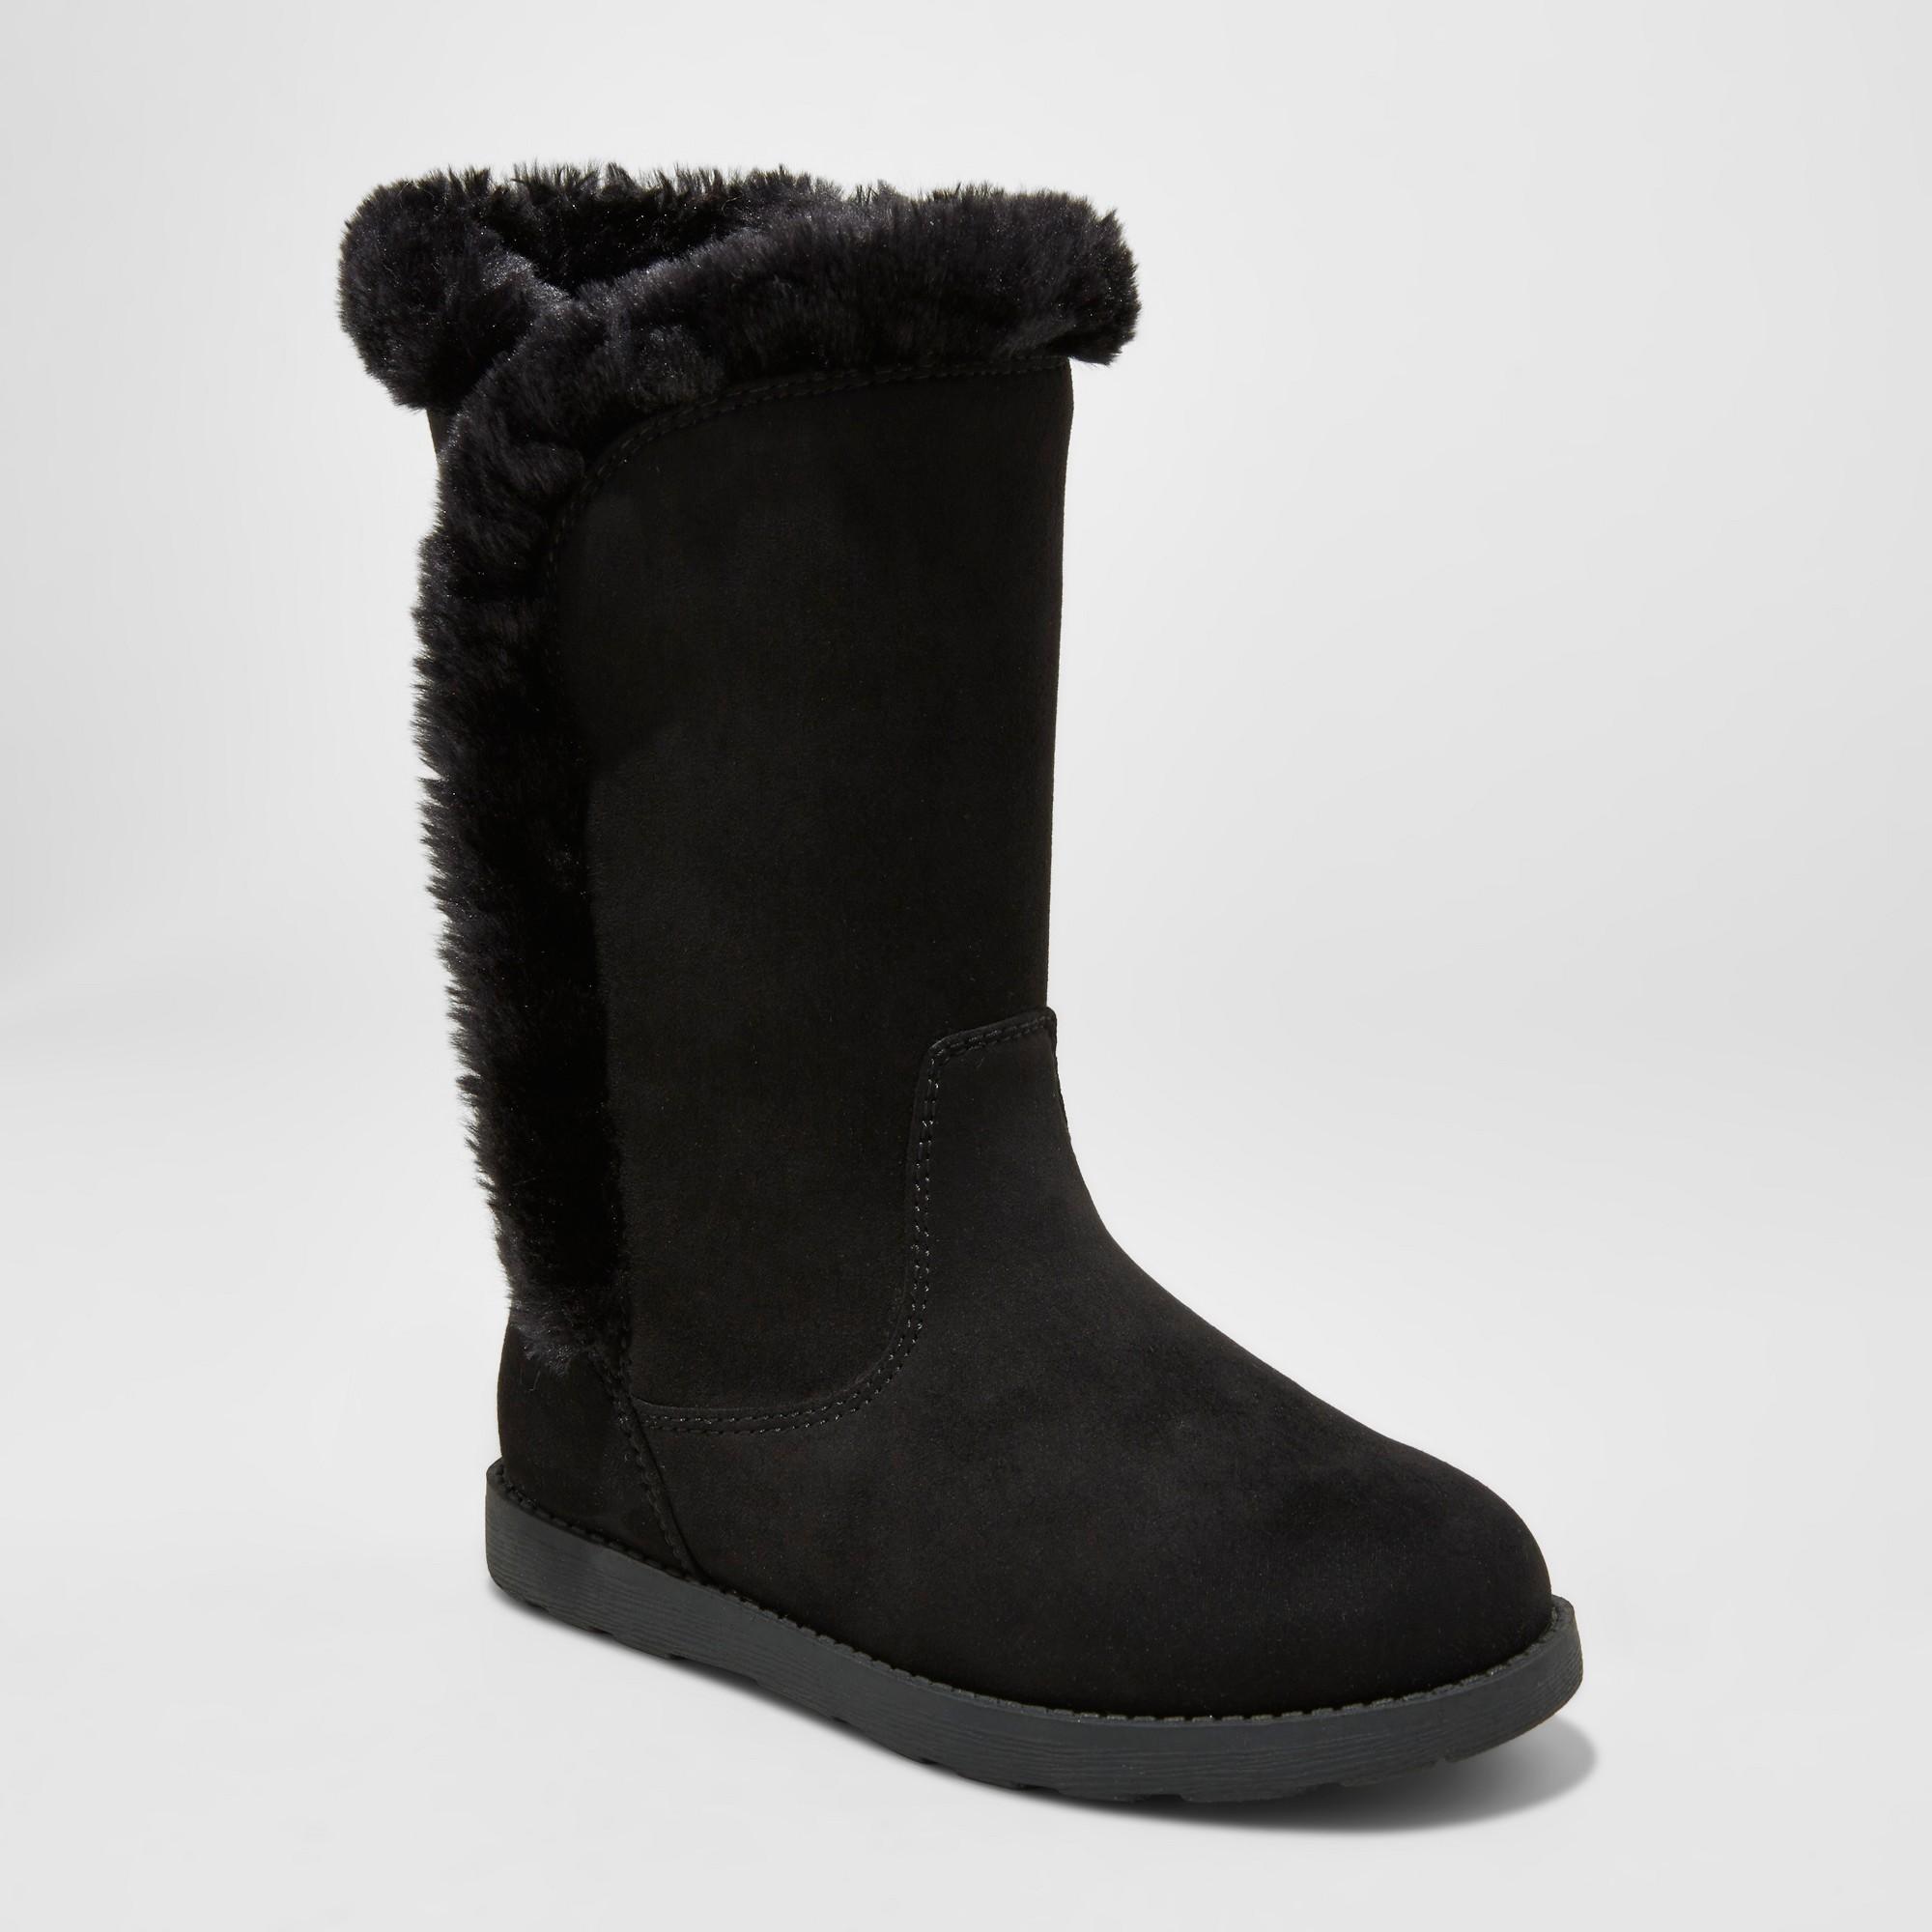 f2f88f280899 Girls  Hart Fashion boots - Cat   Jack Black 3